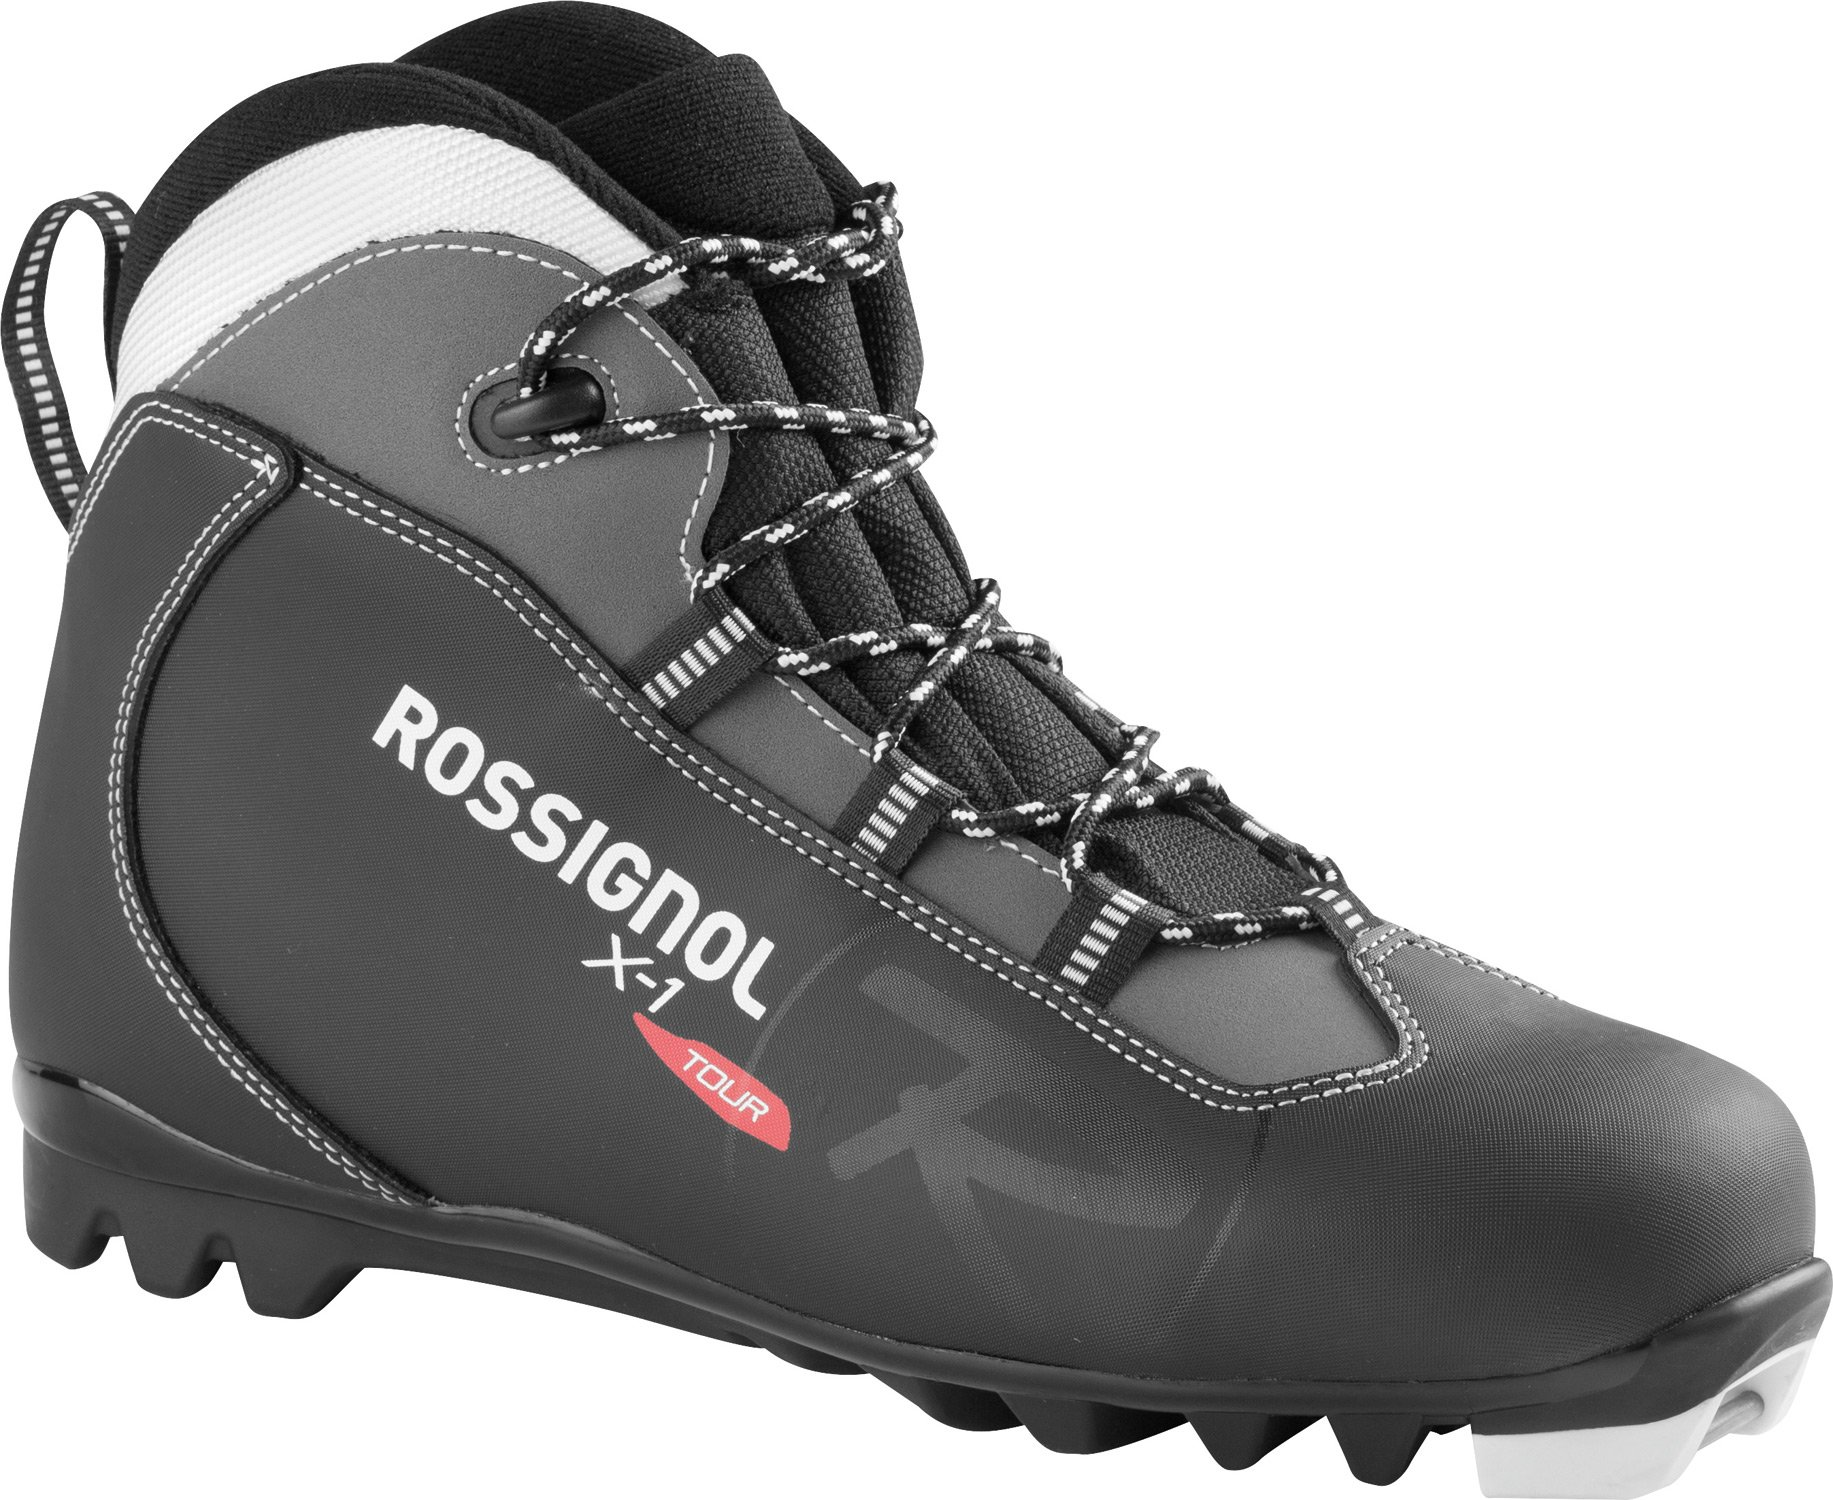 Rossignol X-1 XC Ski Boots Mens Sz 13 (48)